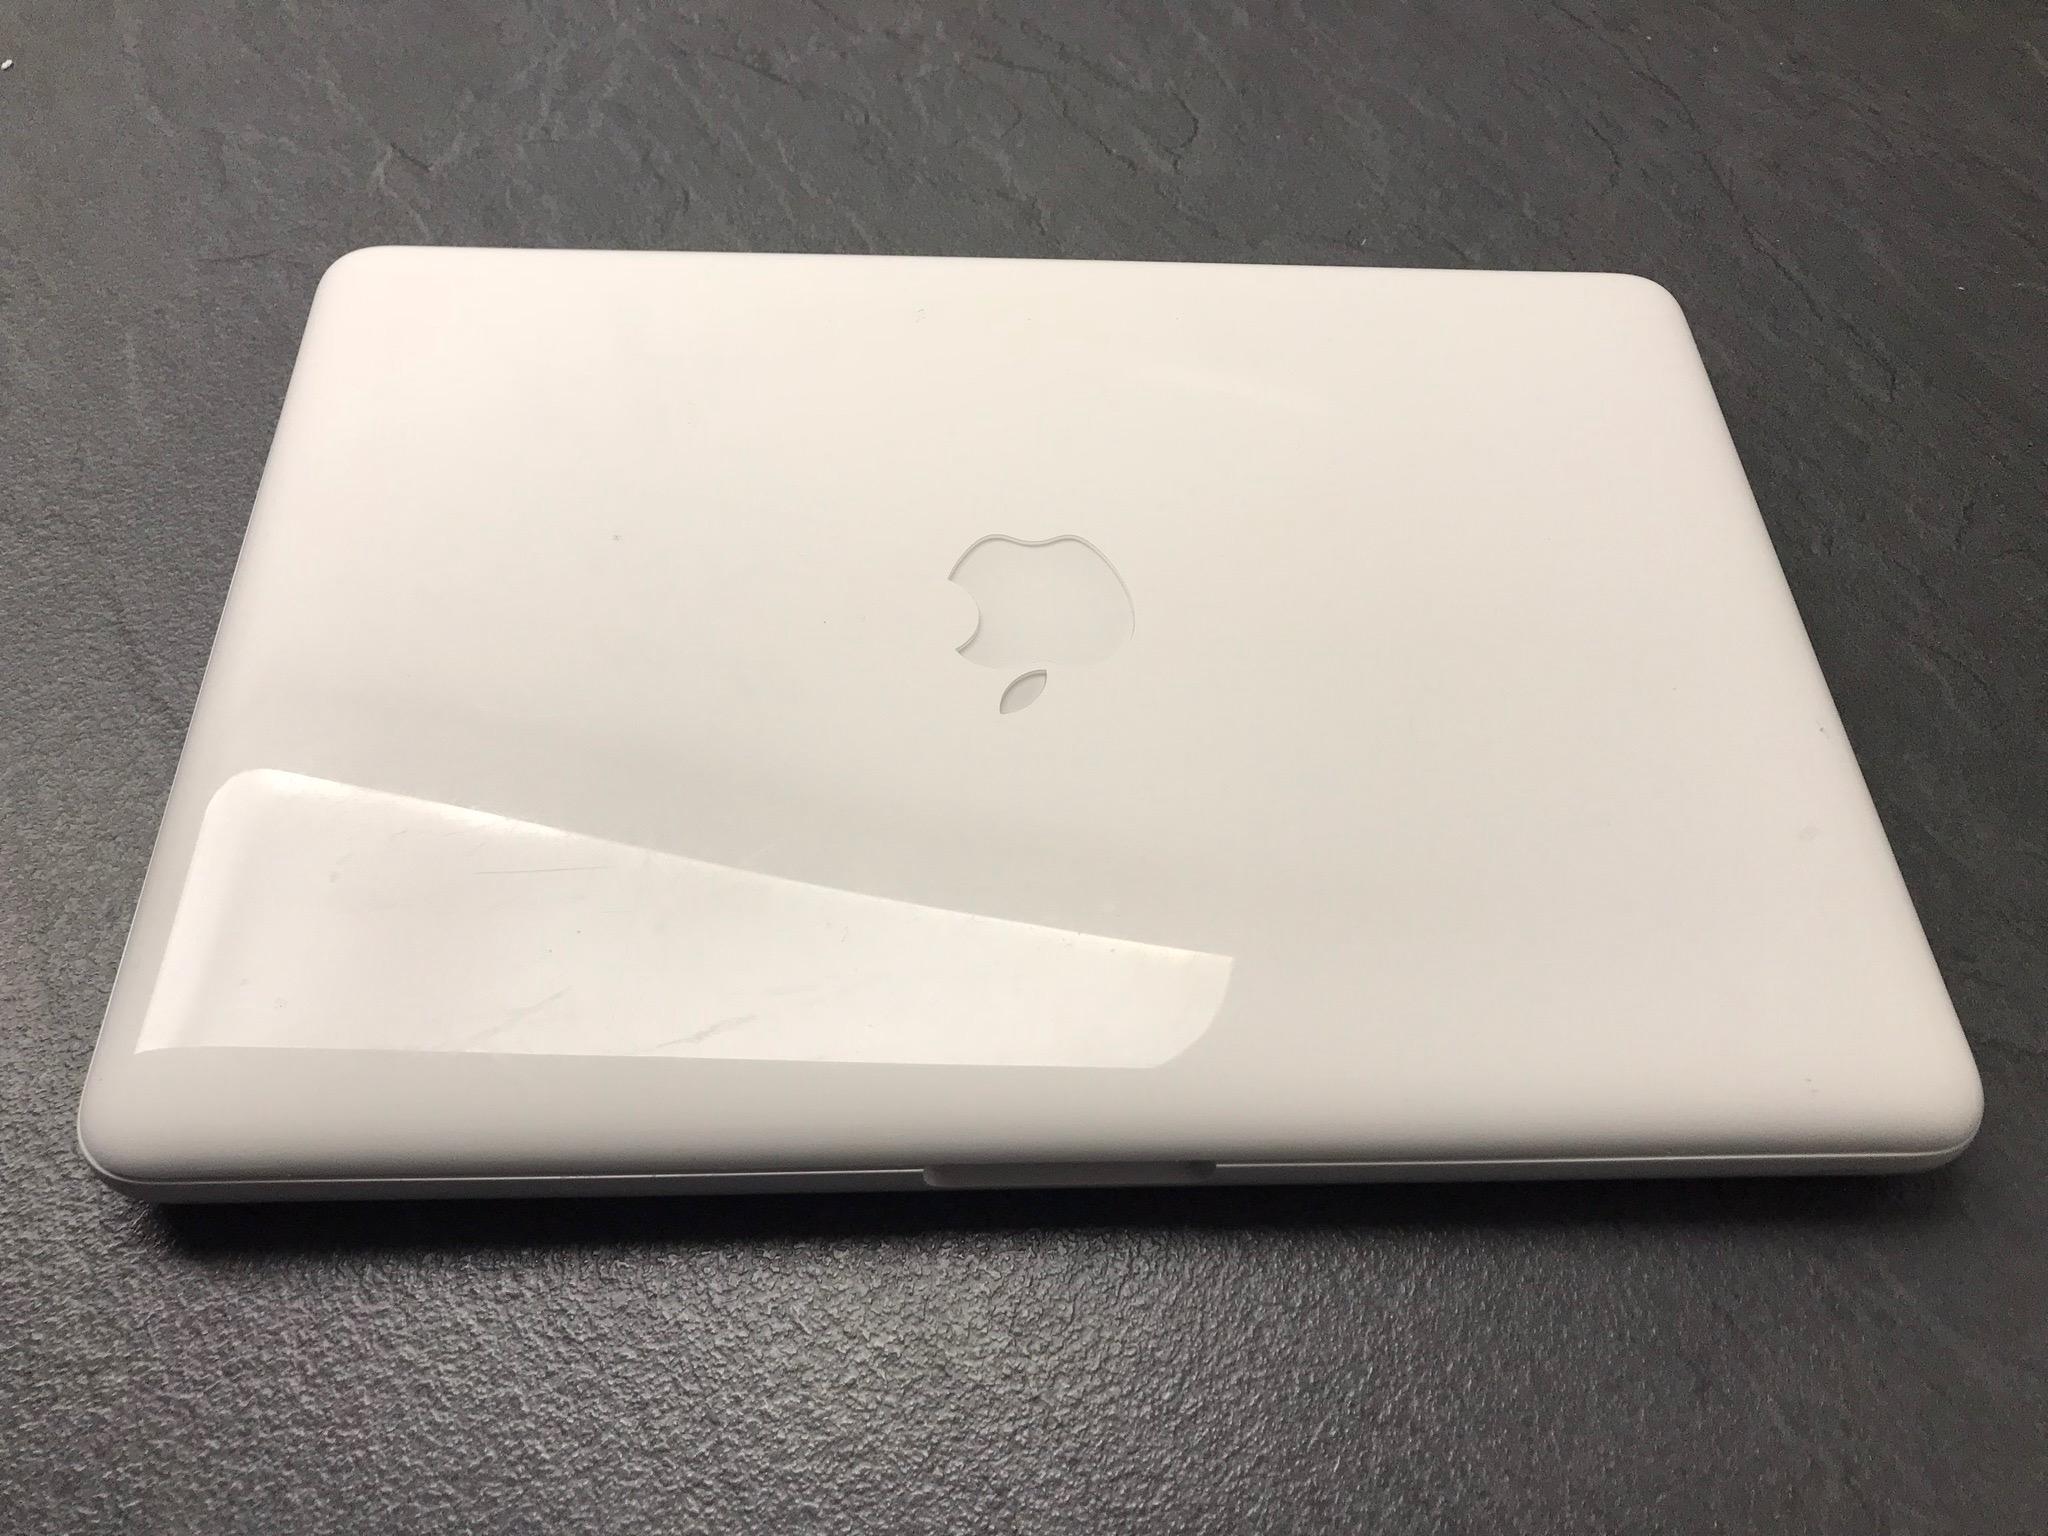 Macbook 13 2009